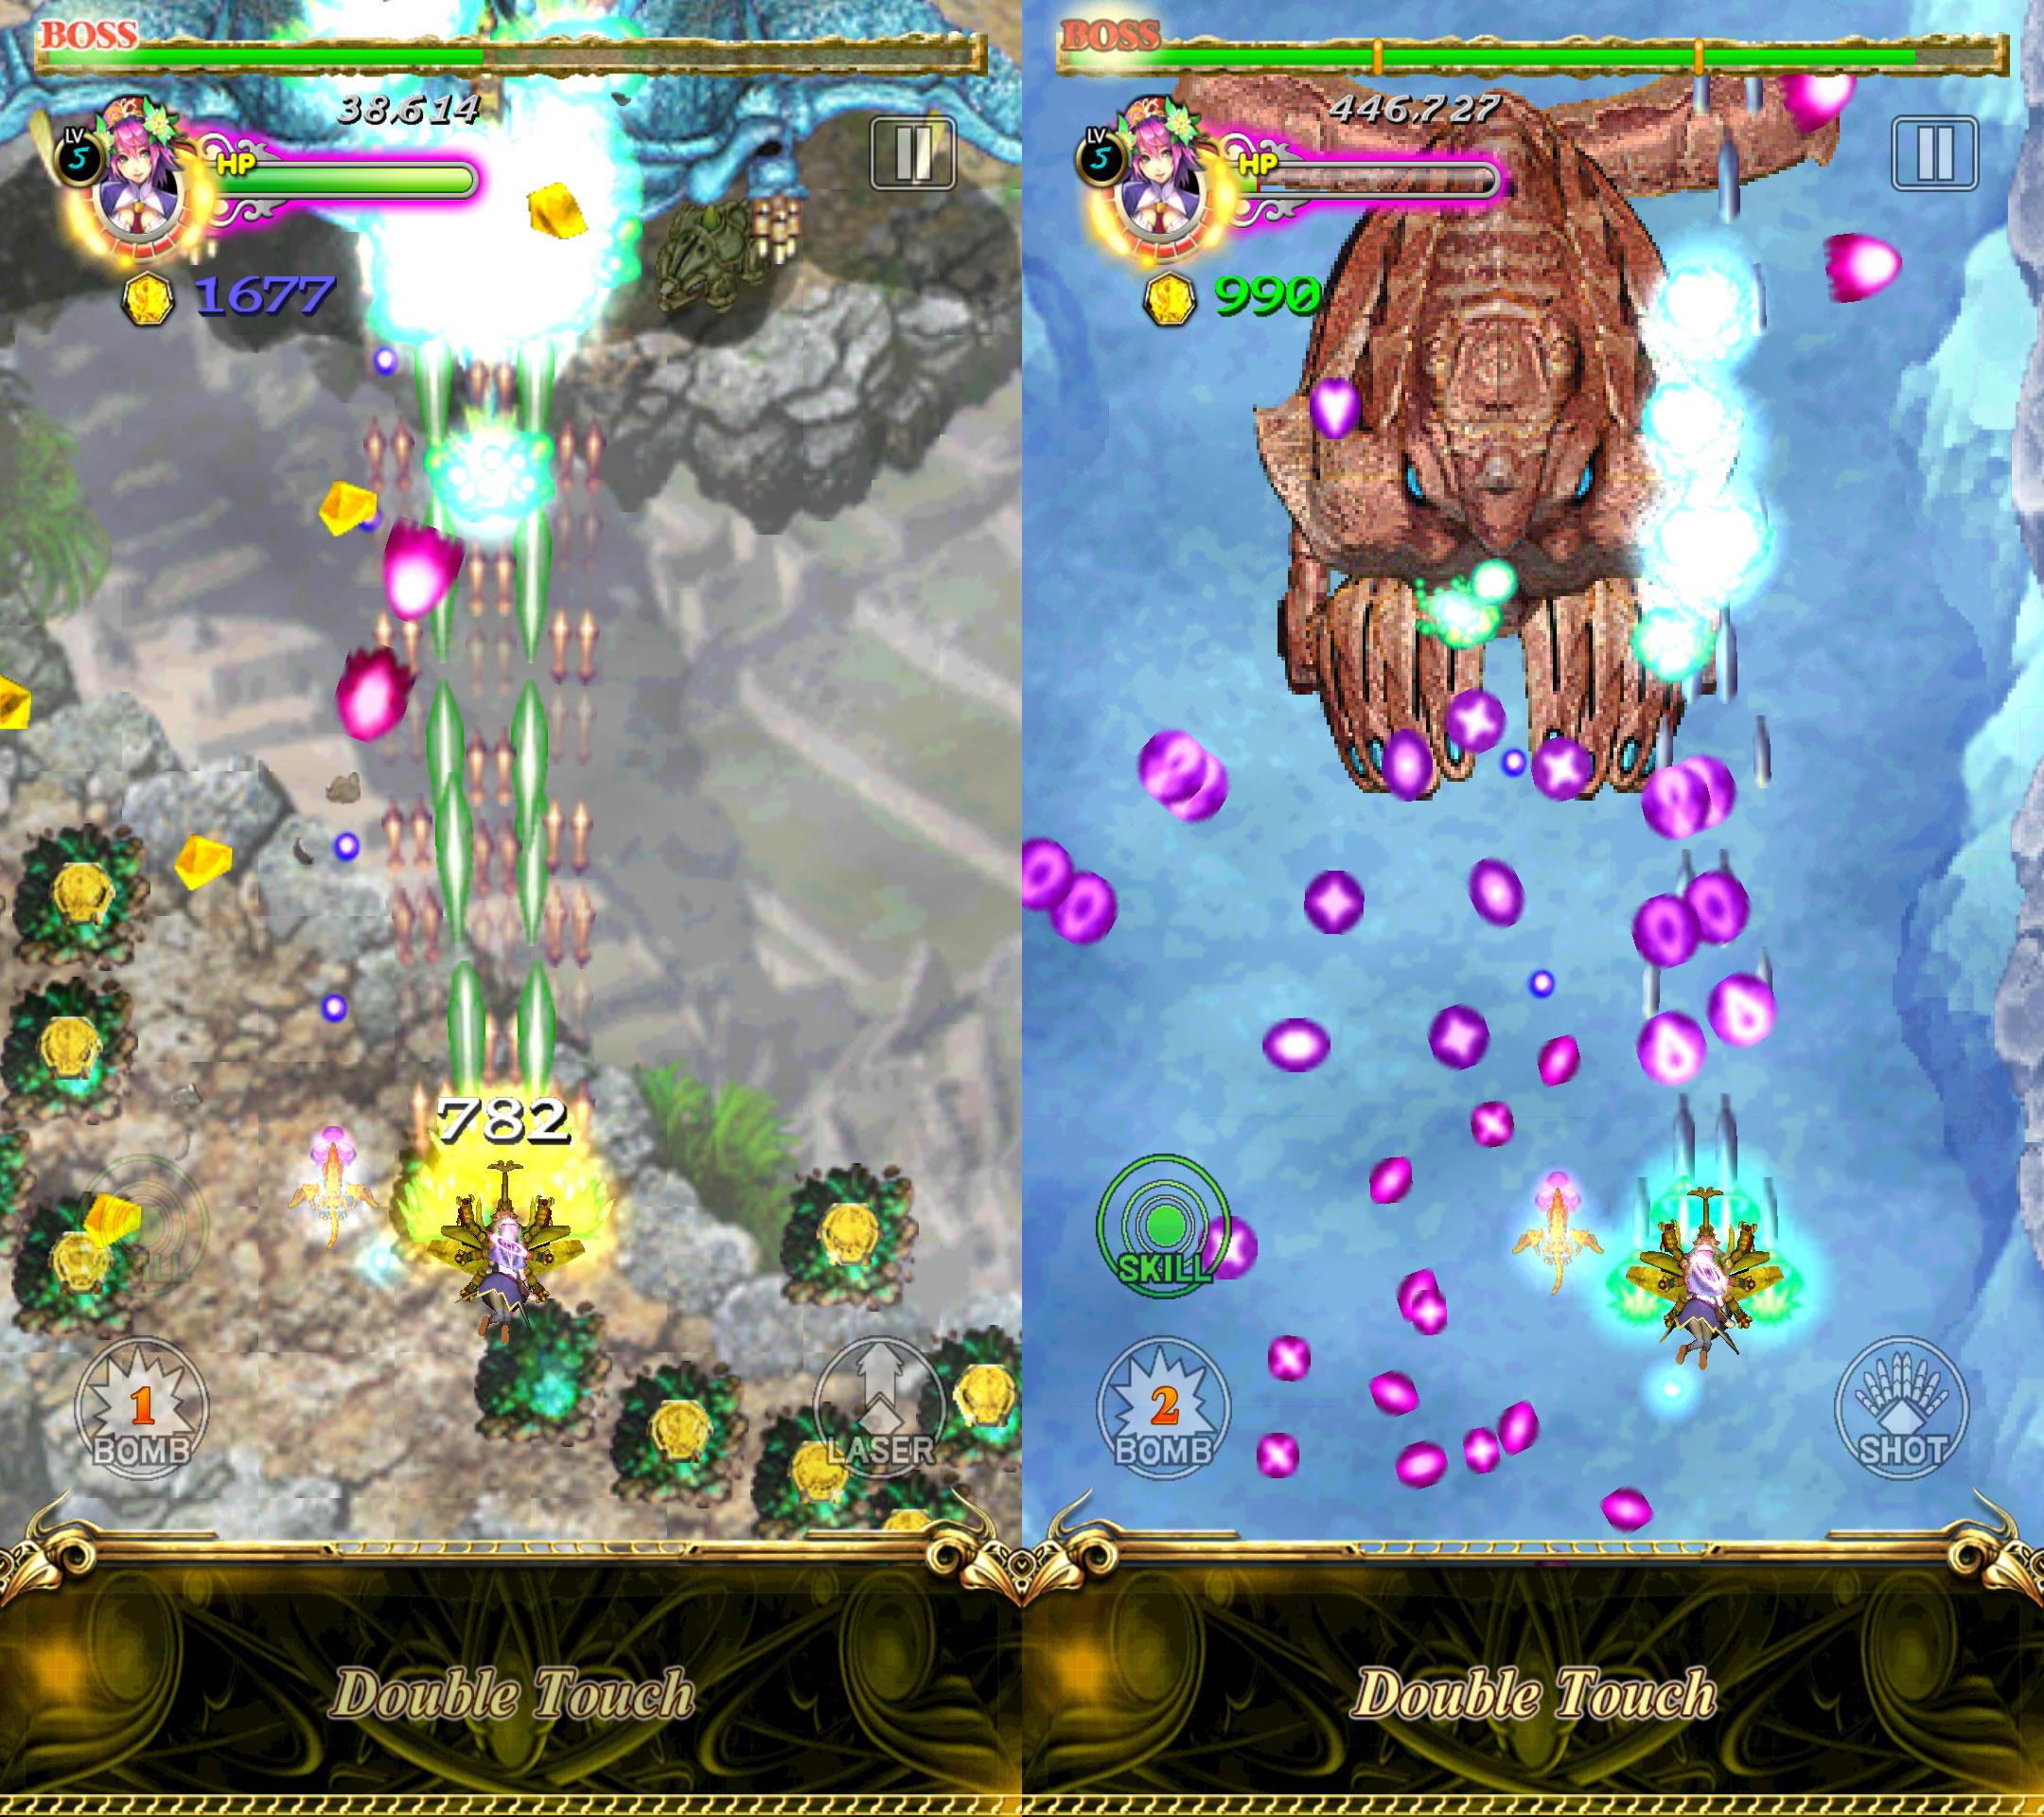 虫姫さま : Gold Label androidアプリスクリーンショット1